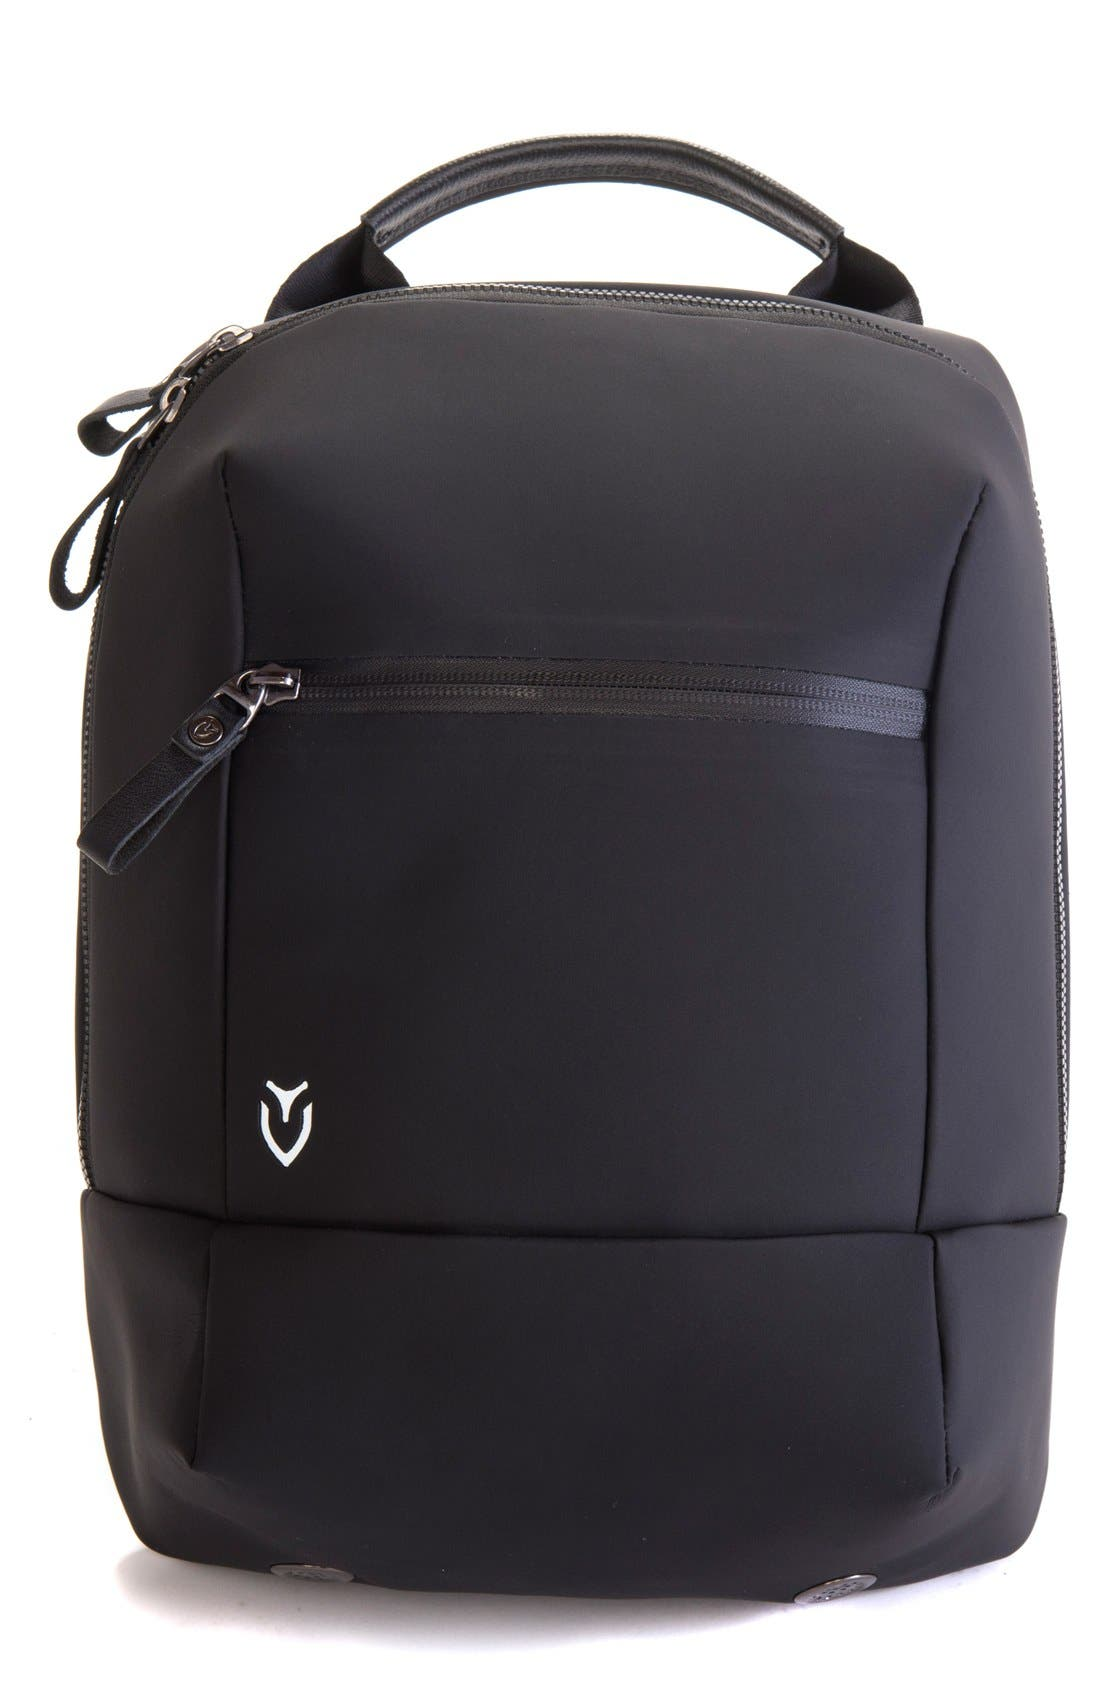 Vessel Pebbled Faux Leather Shoe Bag